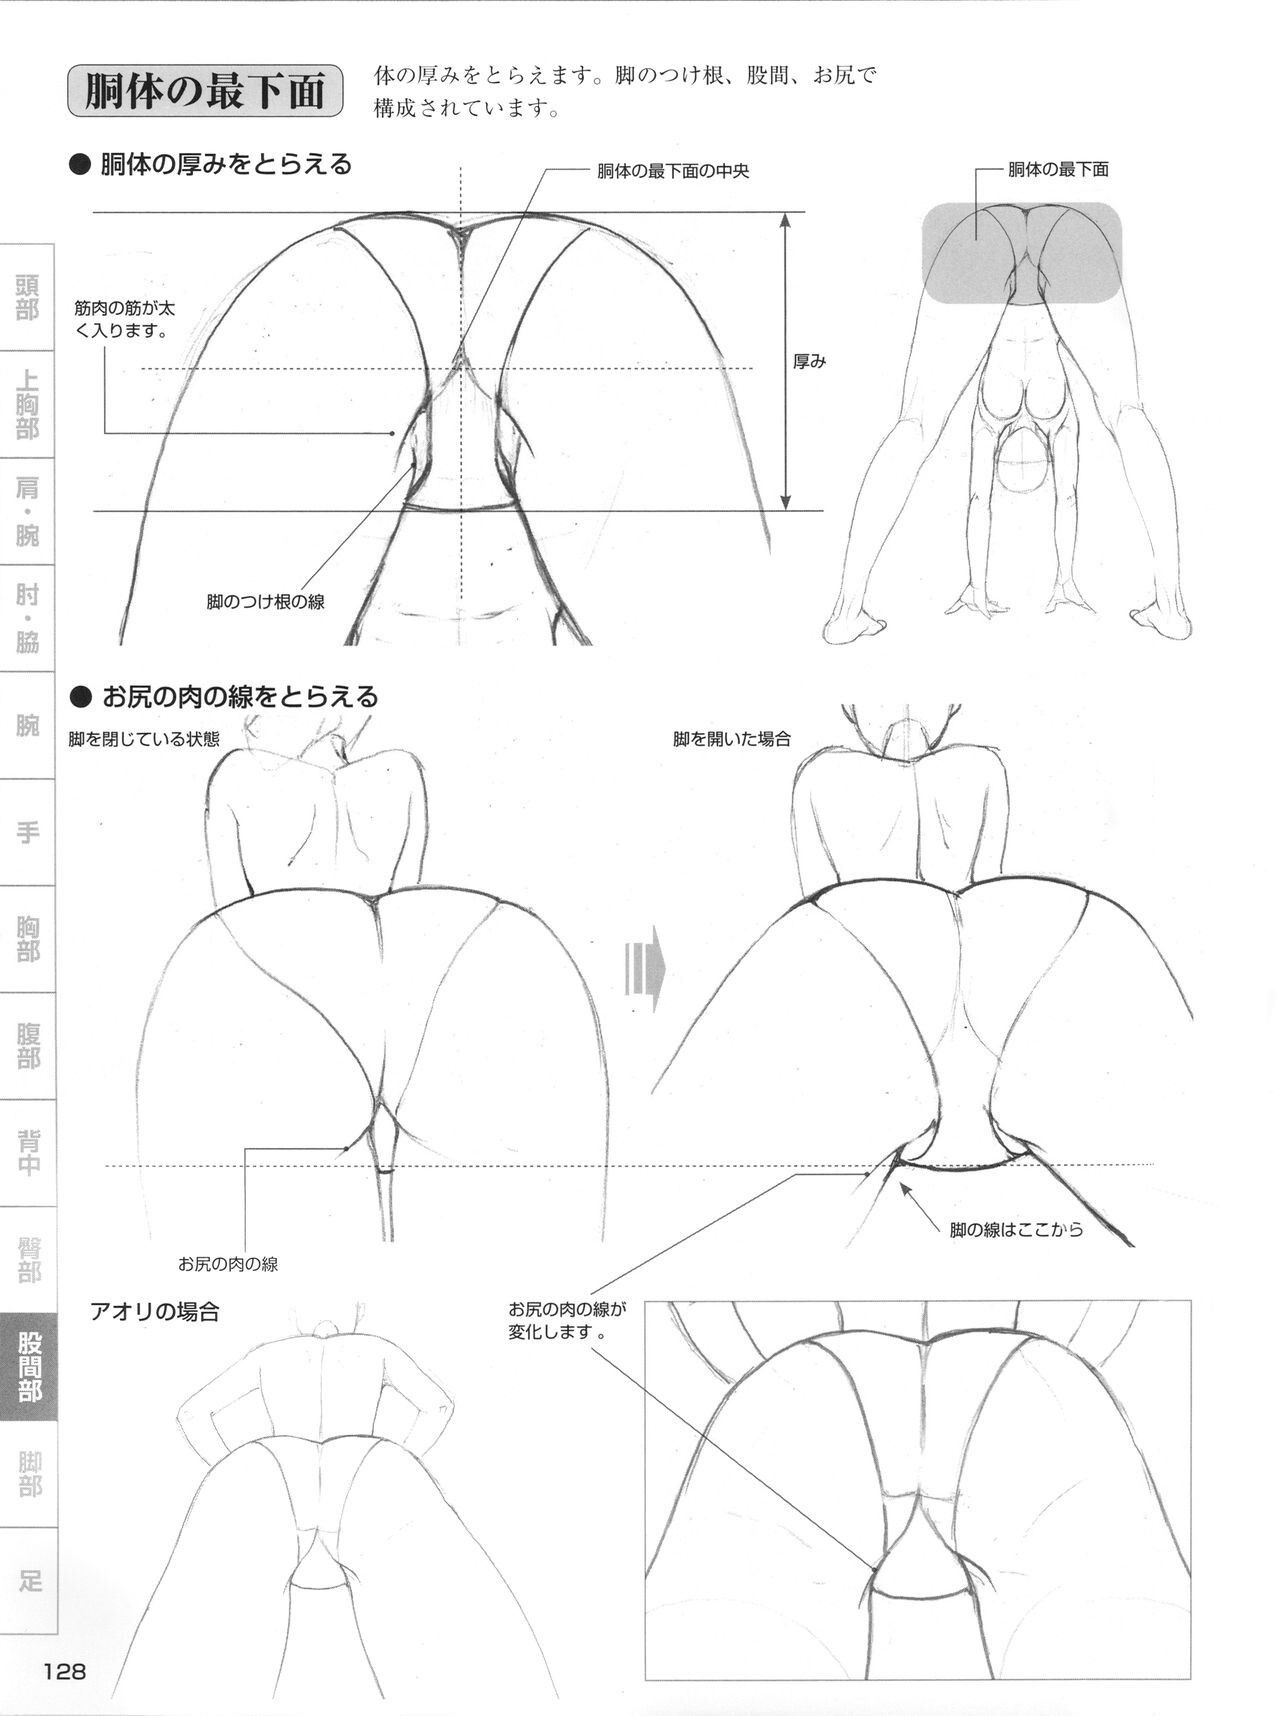 Pin de Diego Diaz en Esbozando | Pinterest | Anatomía, Dibujo y Bocetos